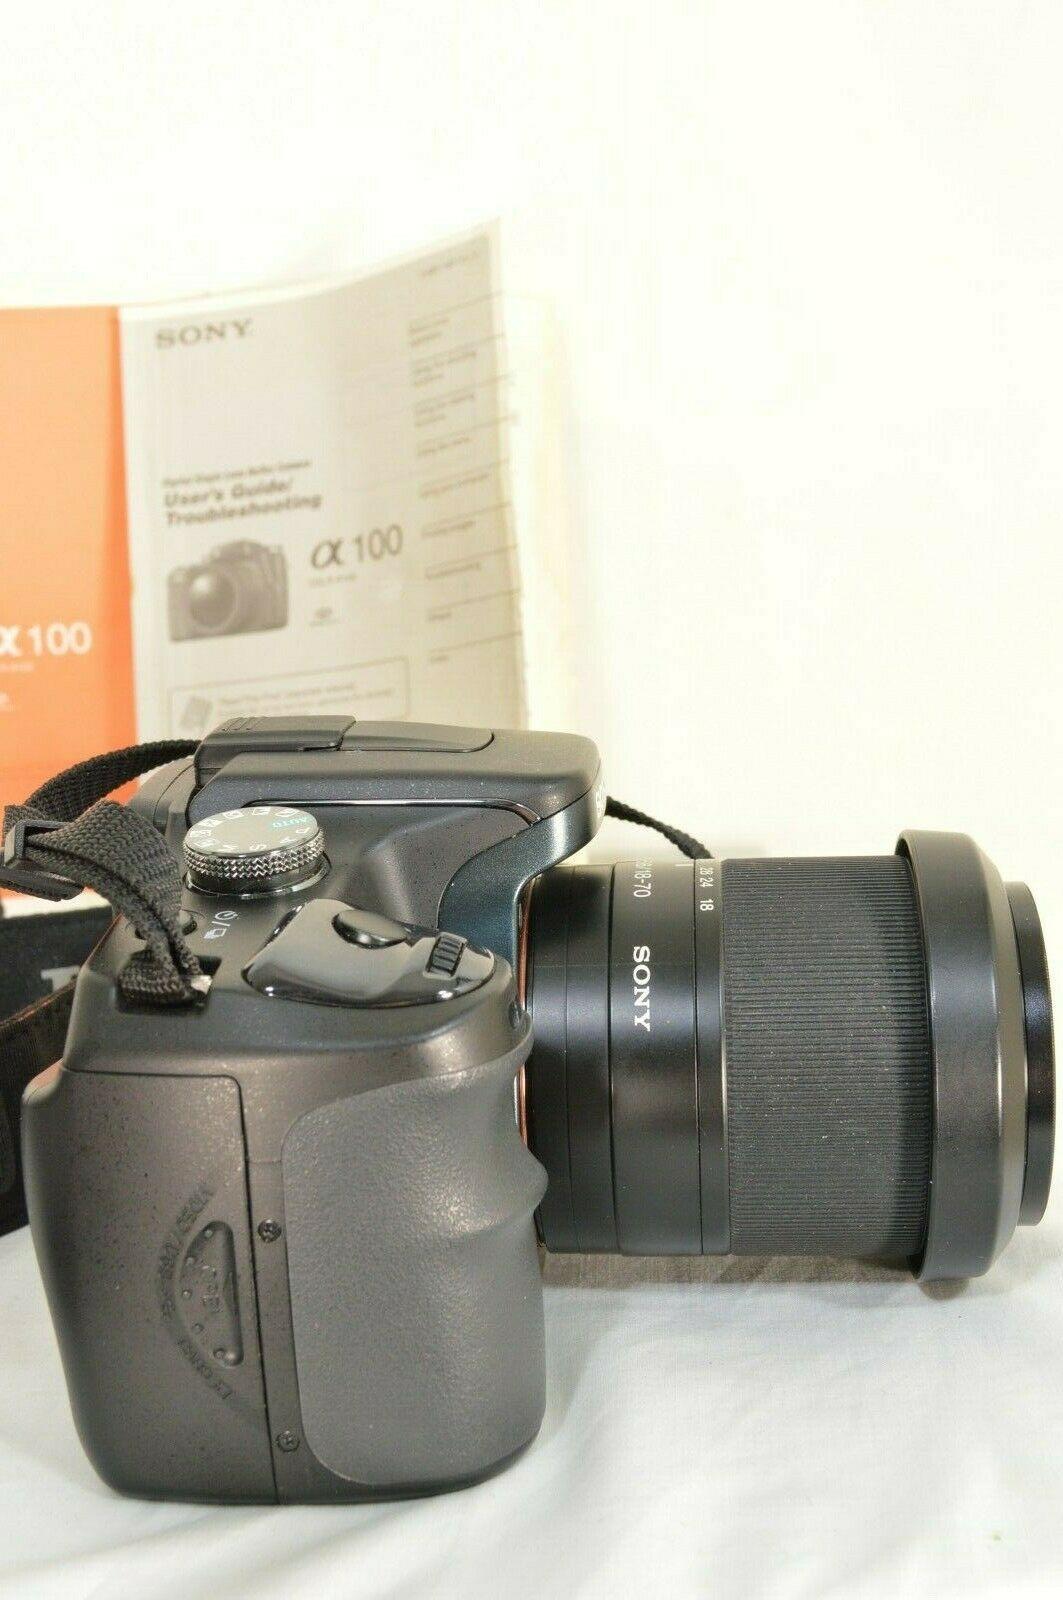 Sony Alpha a100 10.2MP Digital SLR Camera - Black (Kit w/ DT 18-70mm Lens) image 6